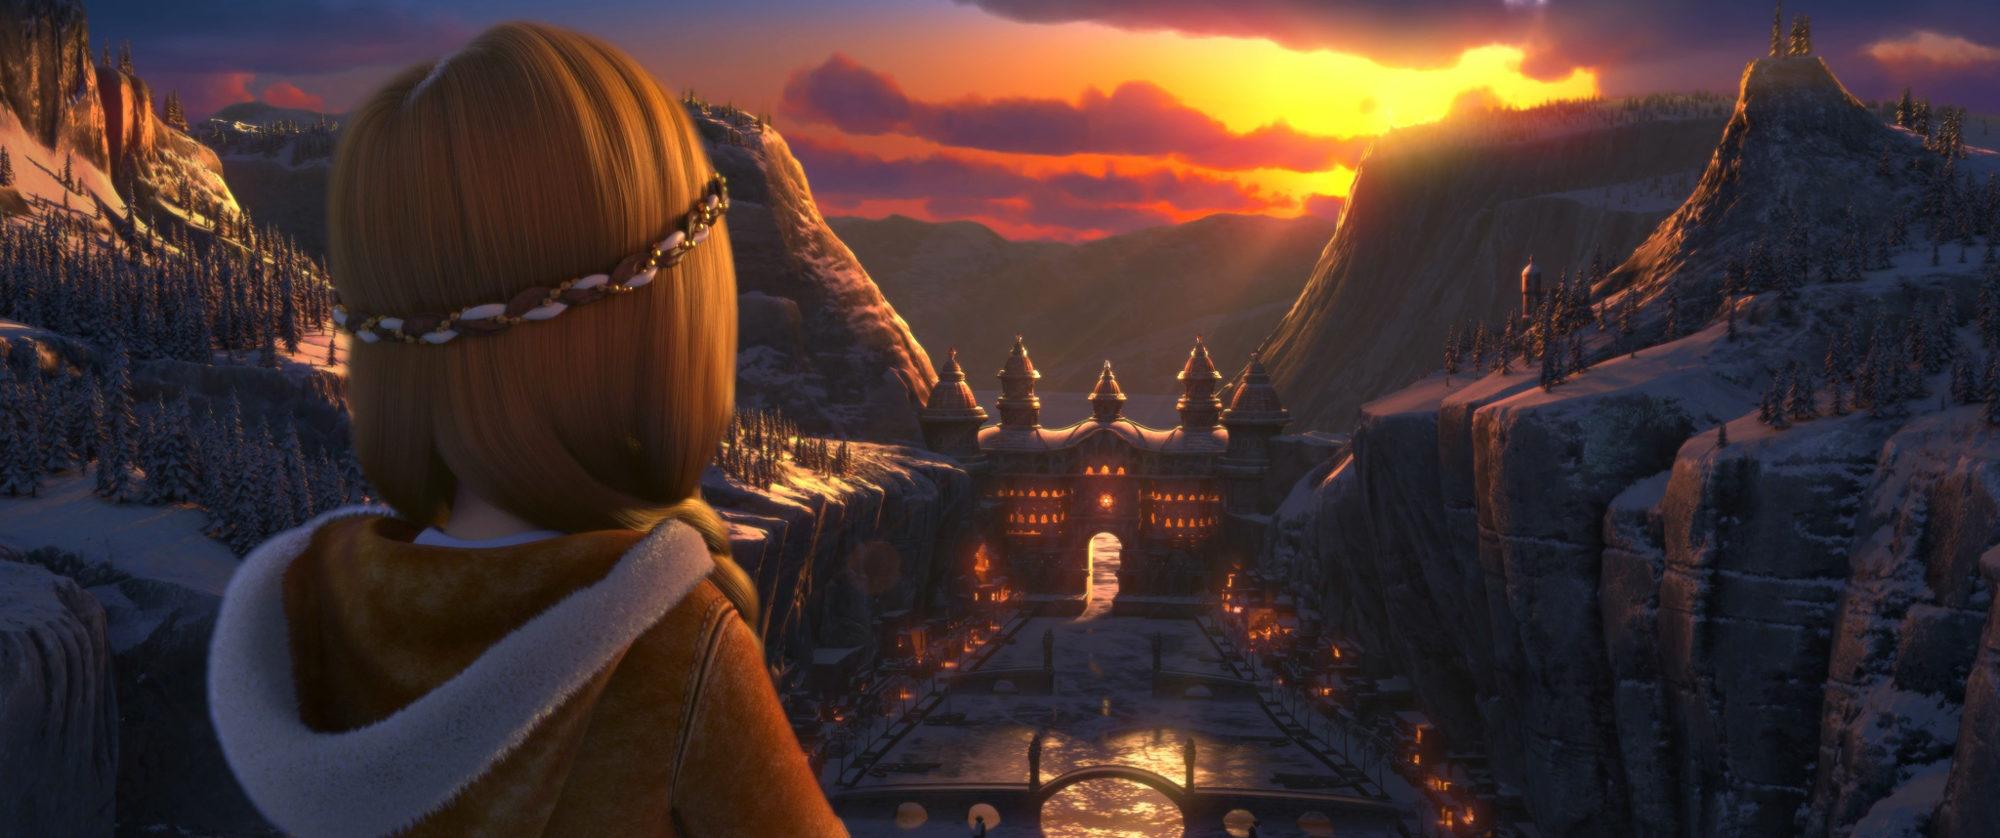 Показ мультфильма «Снежная королева» – события на сайте «Московские Сезоны»